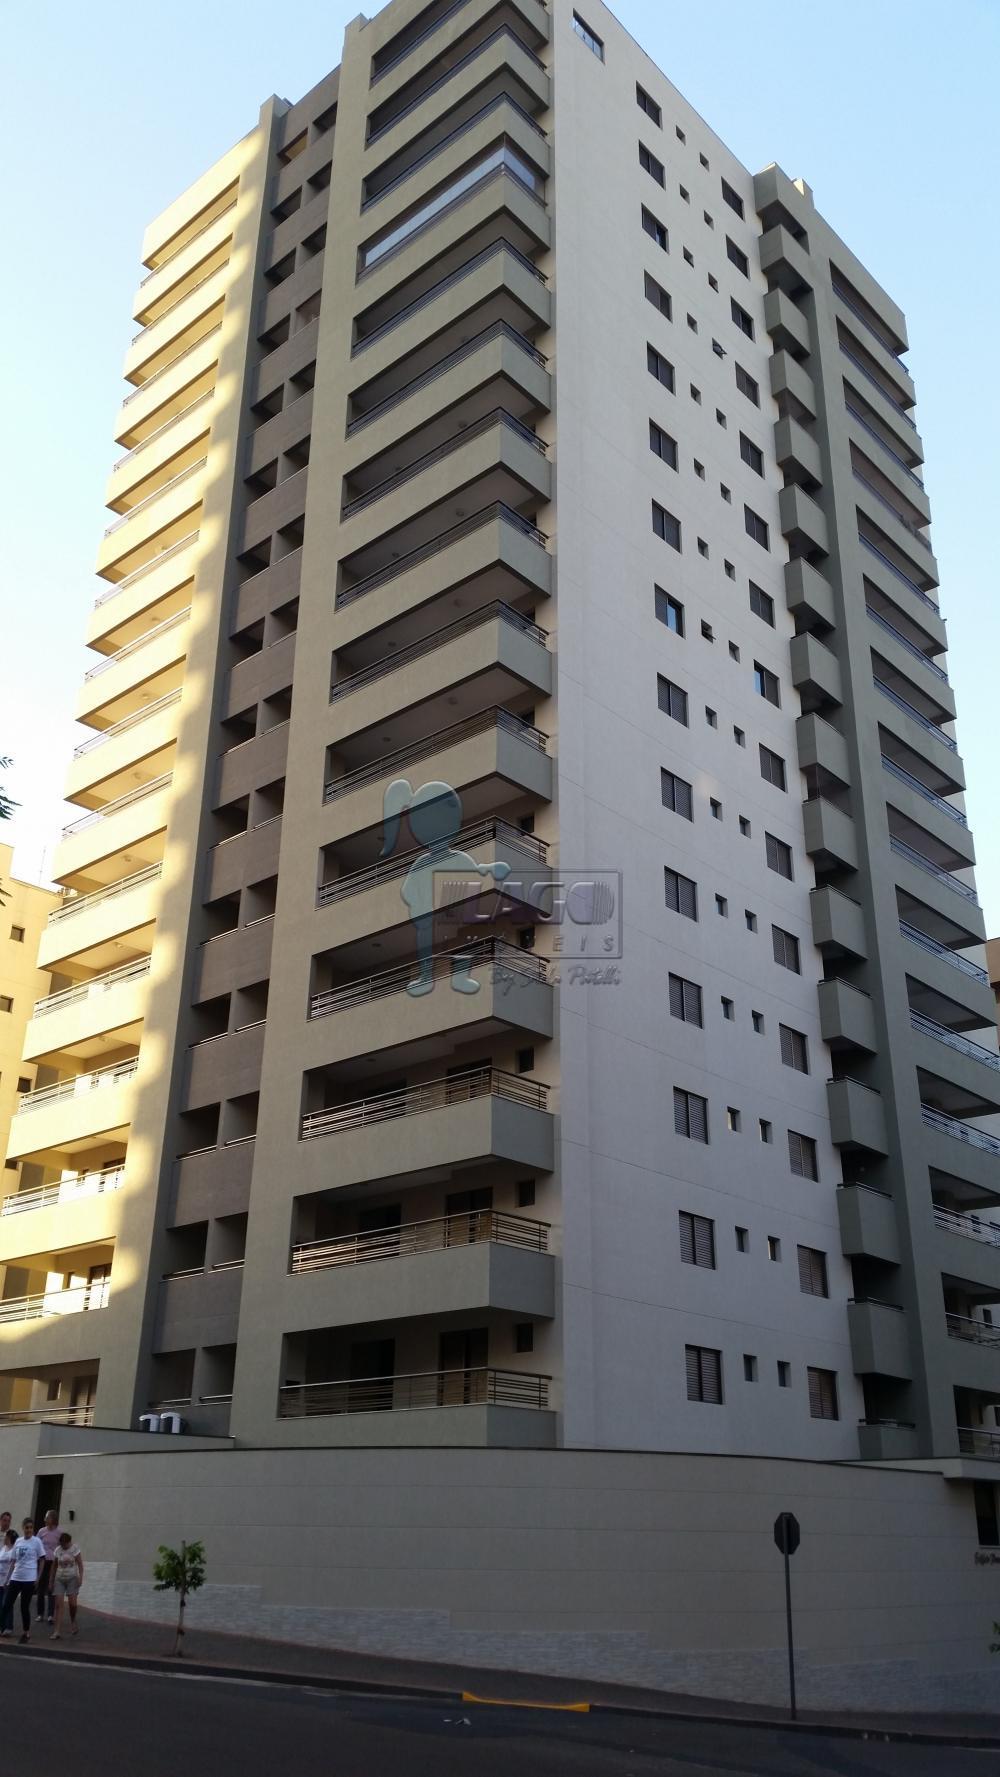 Ribeirao Preto Apartamento Venda R$520.000,00 Condominio R$400,00 3 Dormitorios 2 Suites Area construida 119.86m2